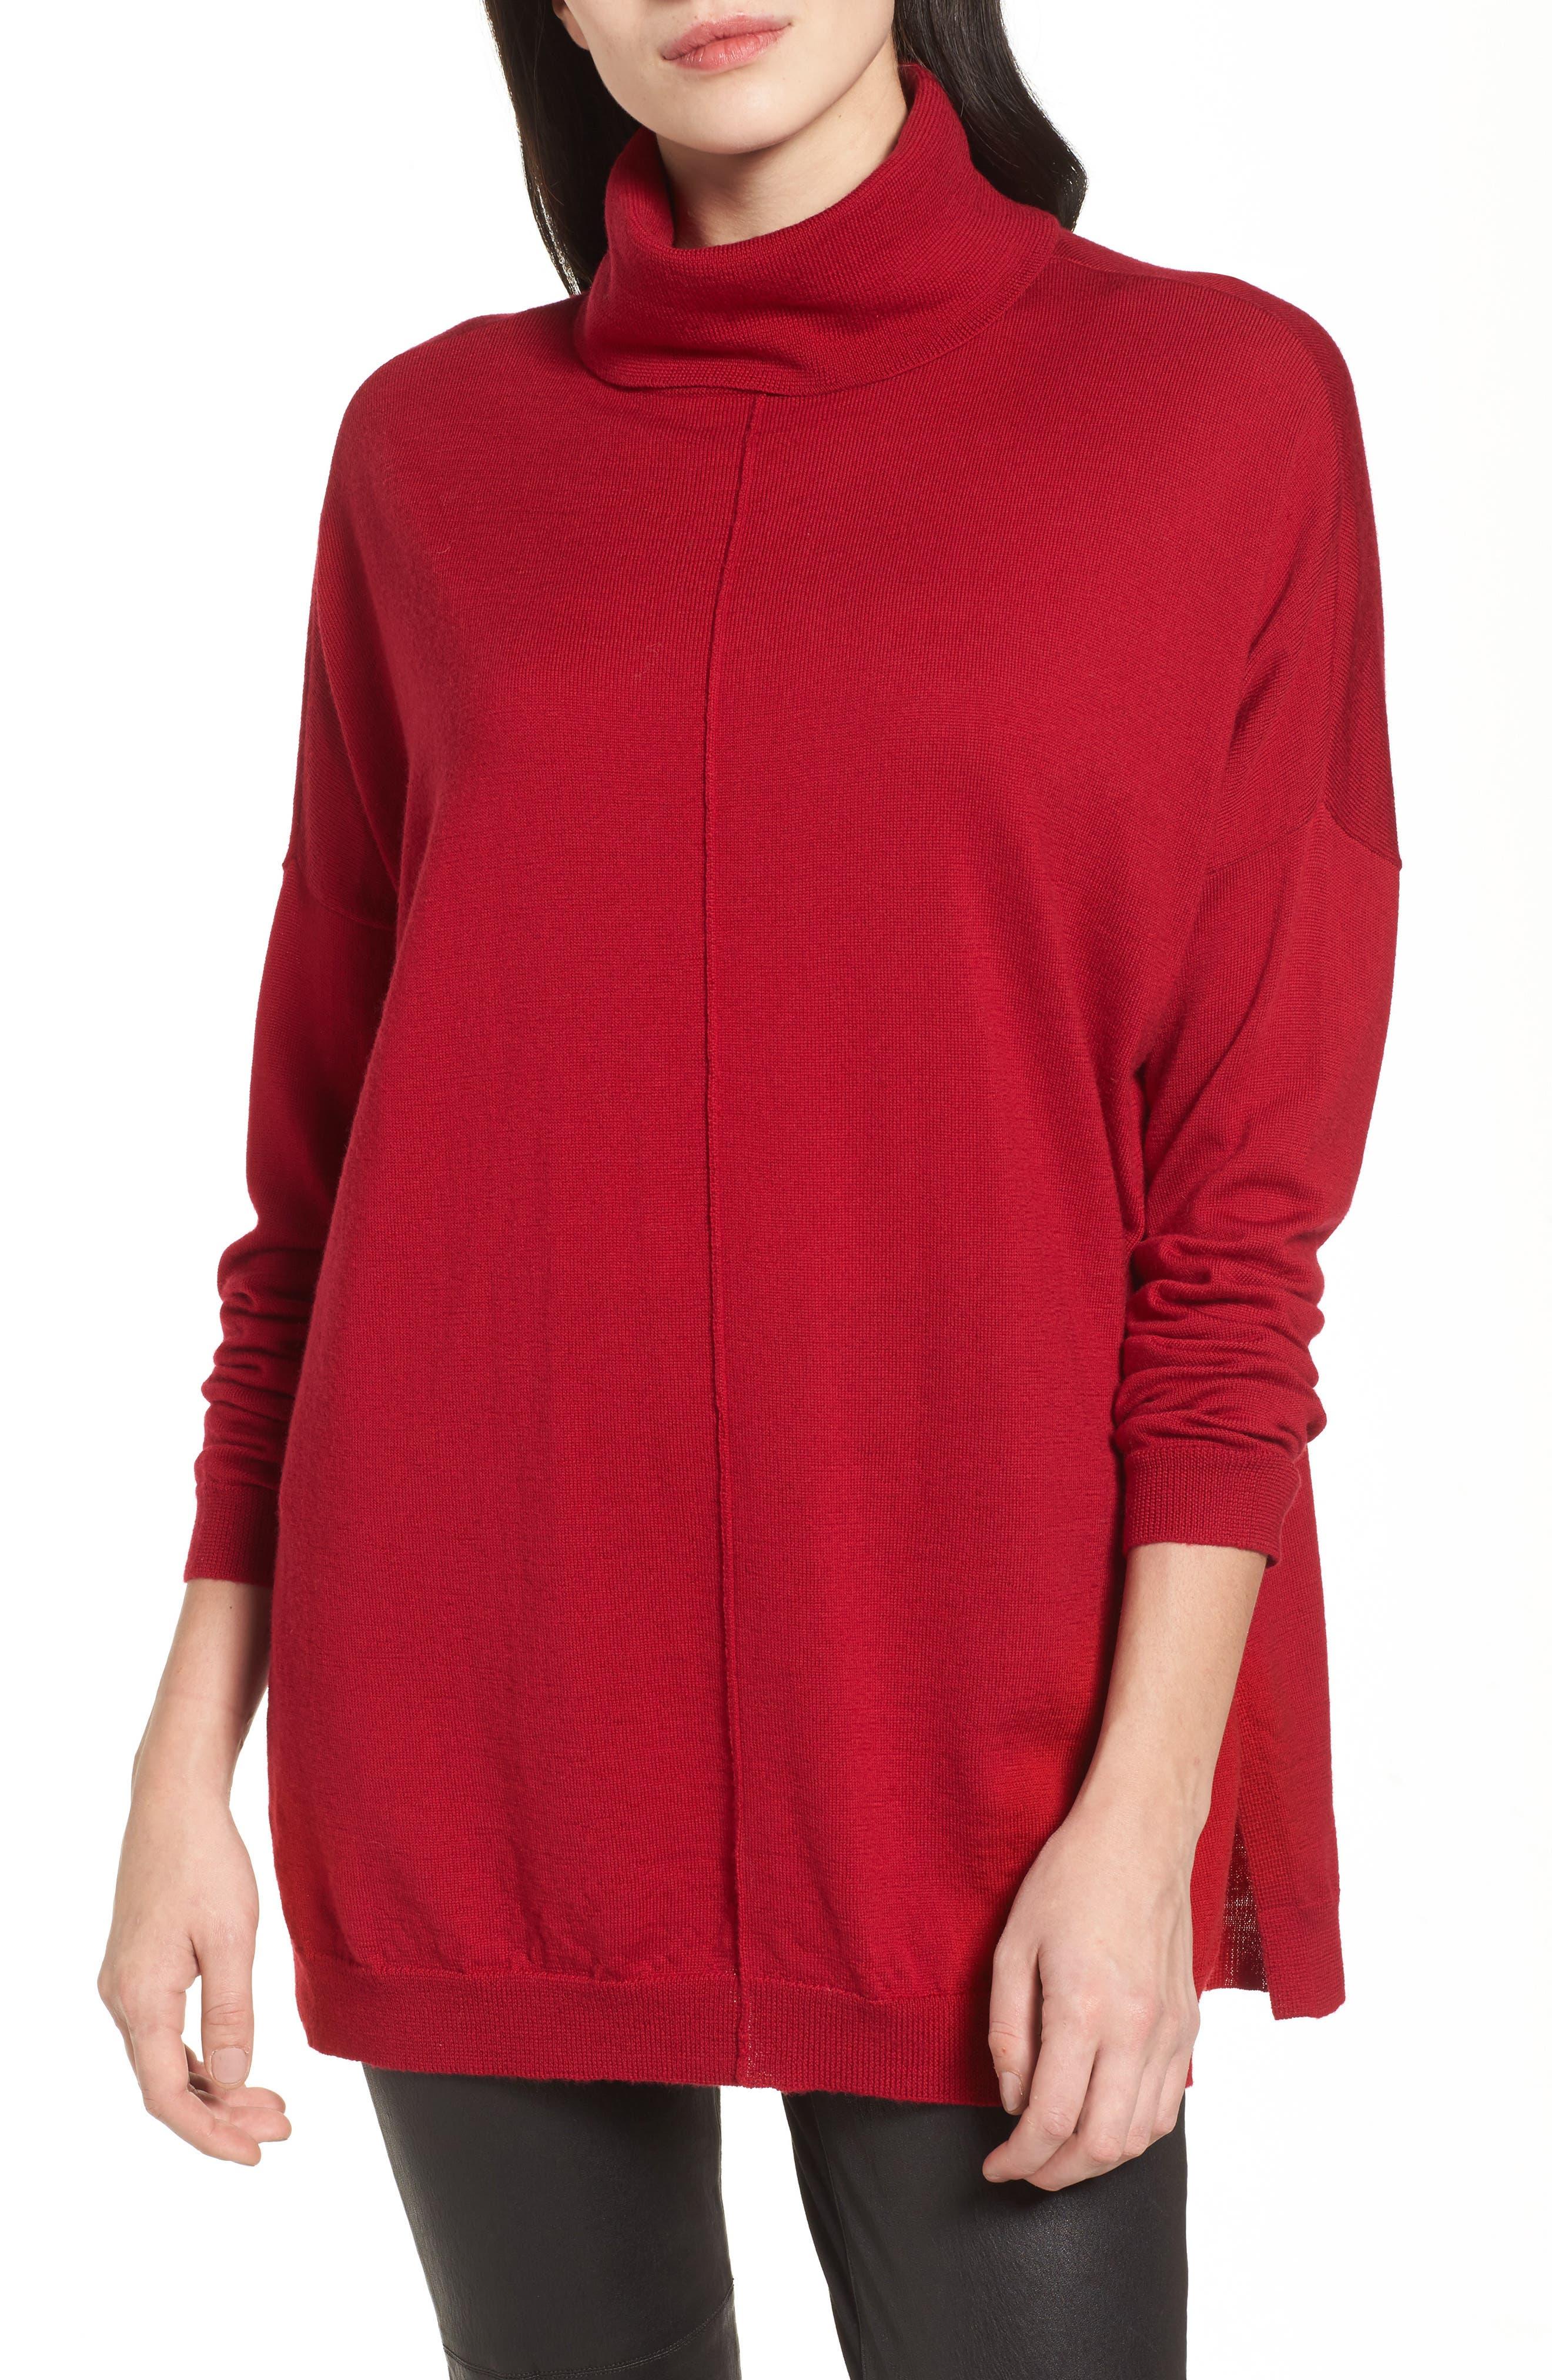 Main Image - Eileen Fisher Merino Wool Boxy Turtleneck Sweater (Regular & Petite)